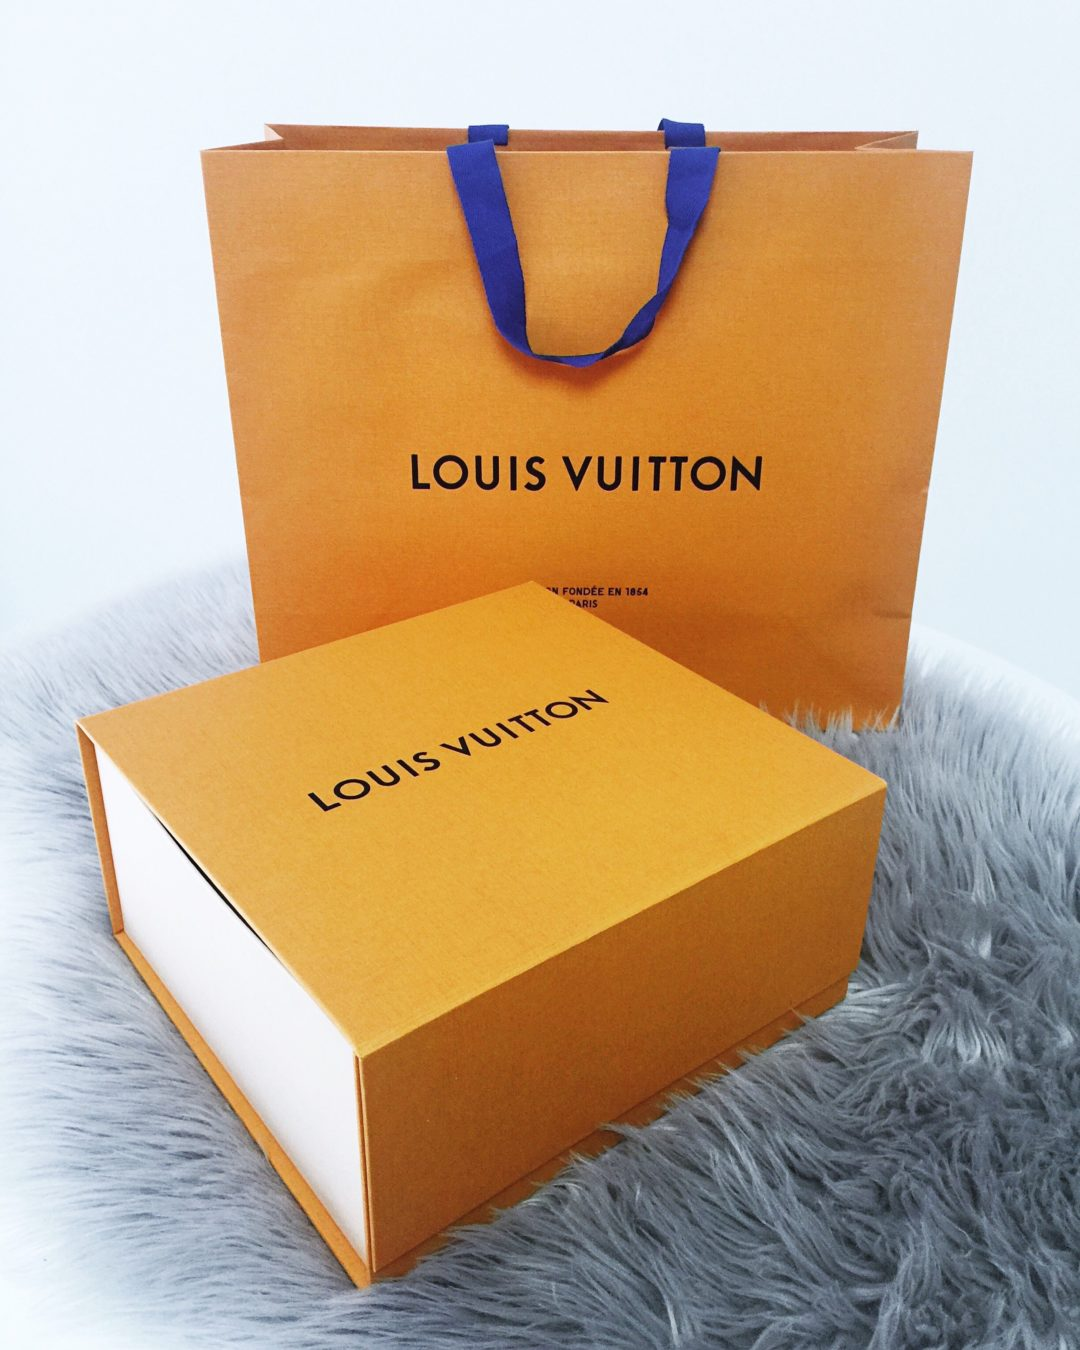 Unboxing Louis Vuitton Pochette Metis